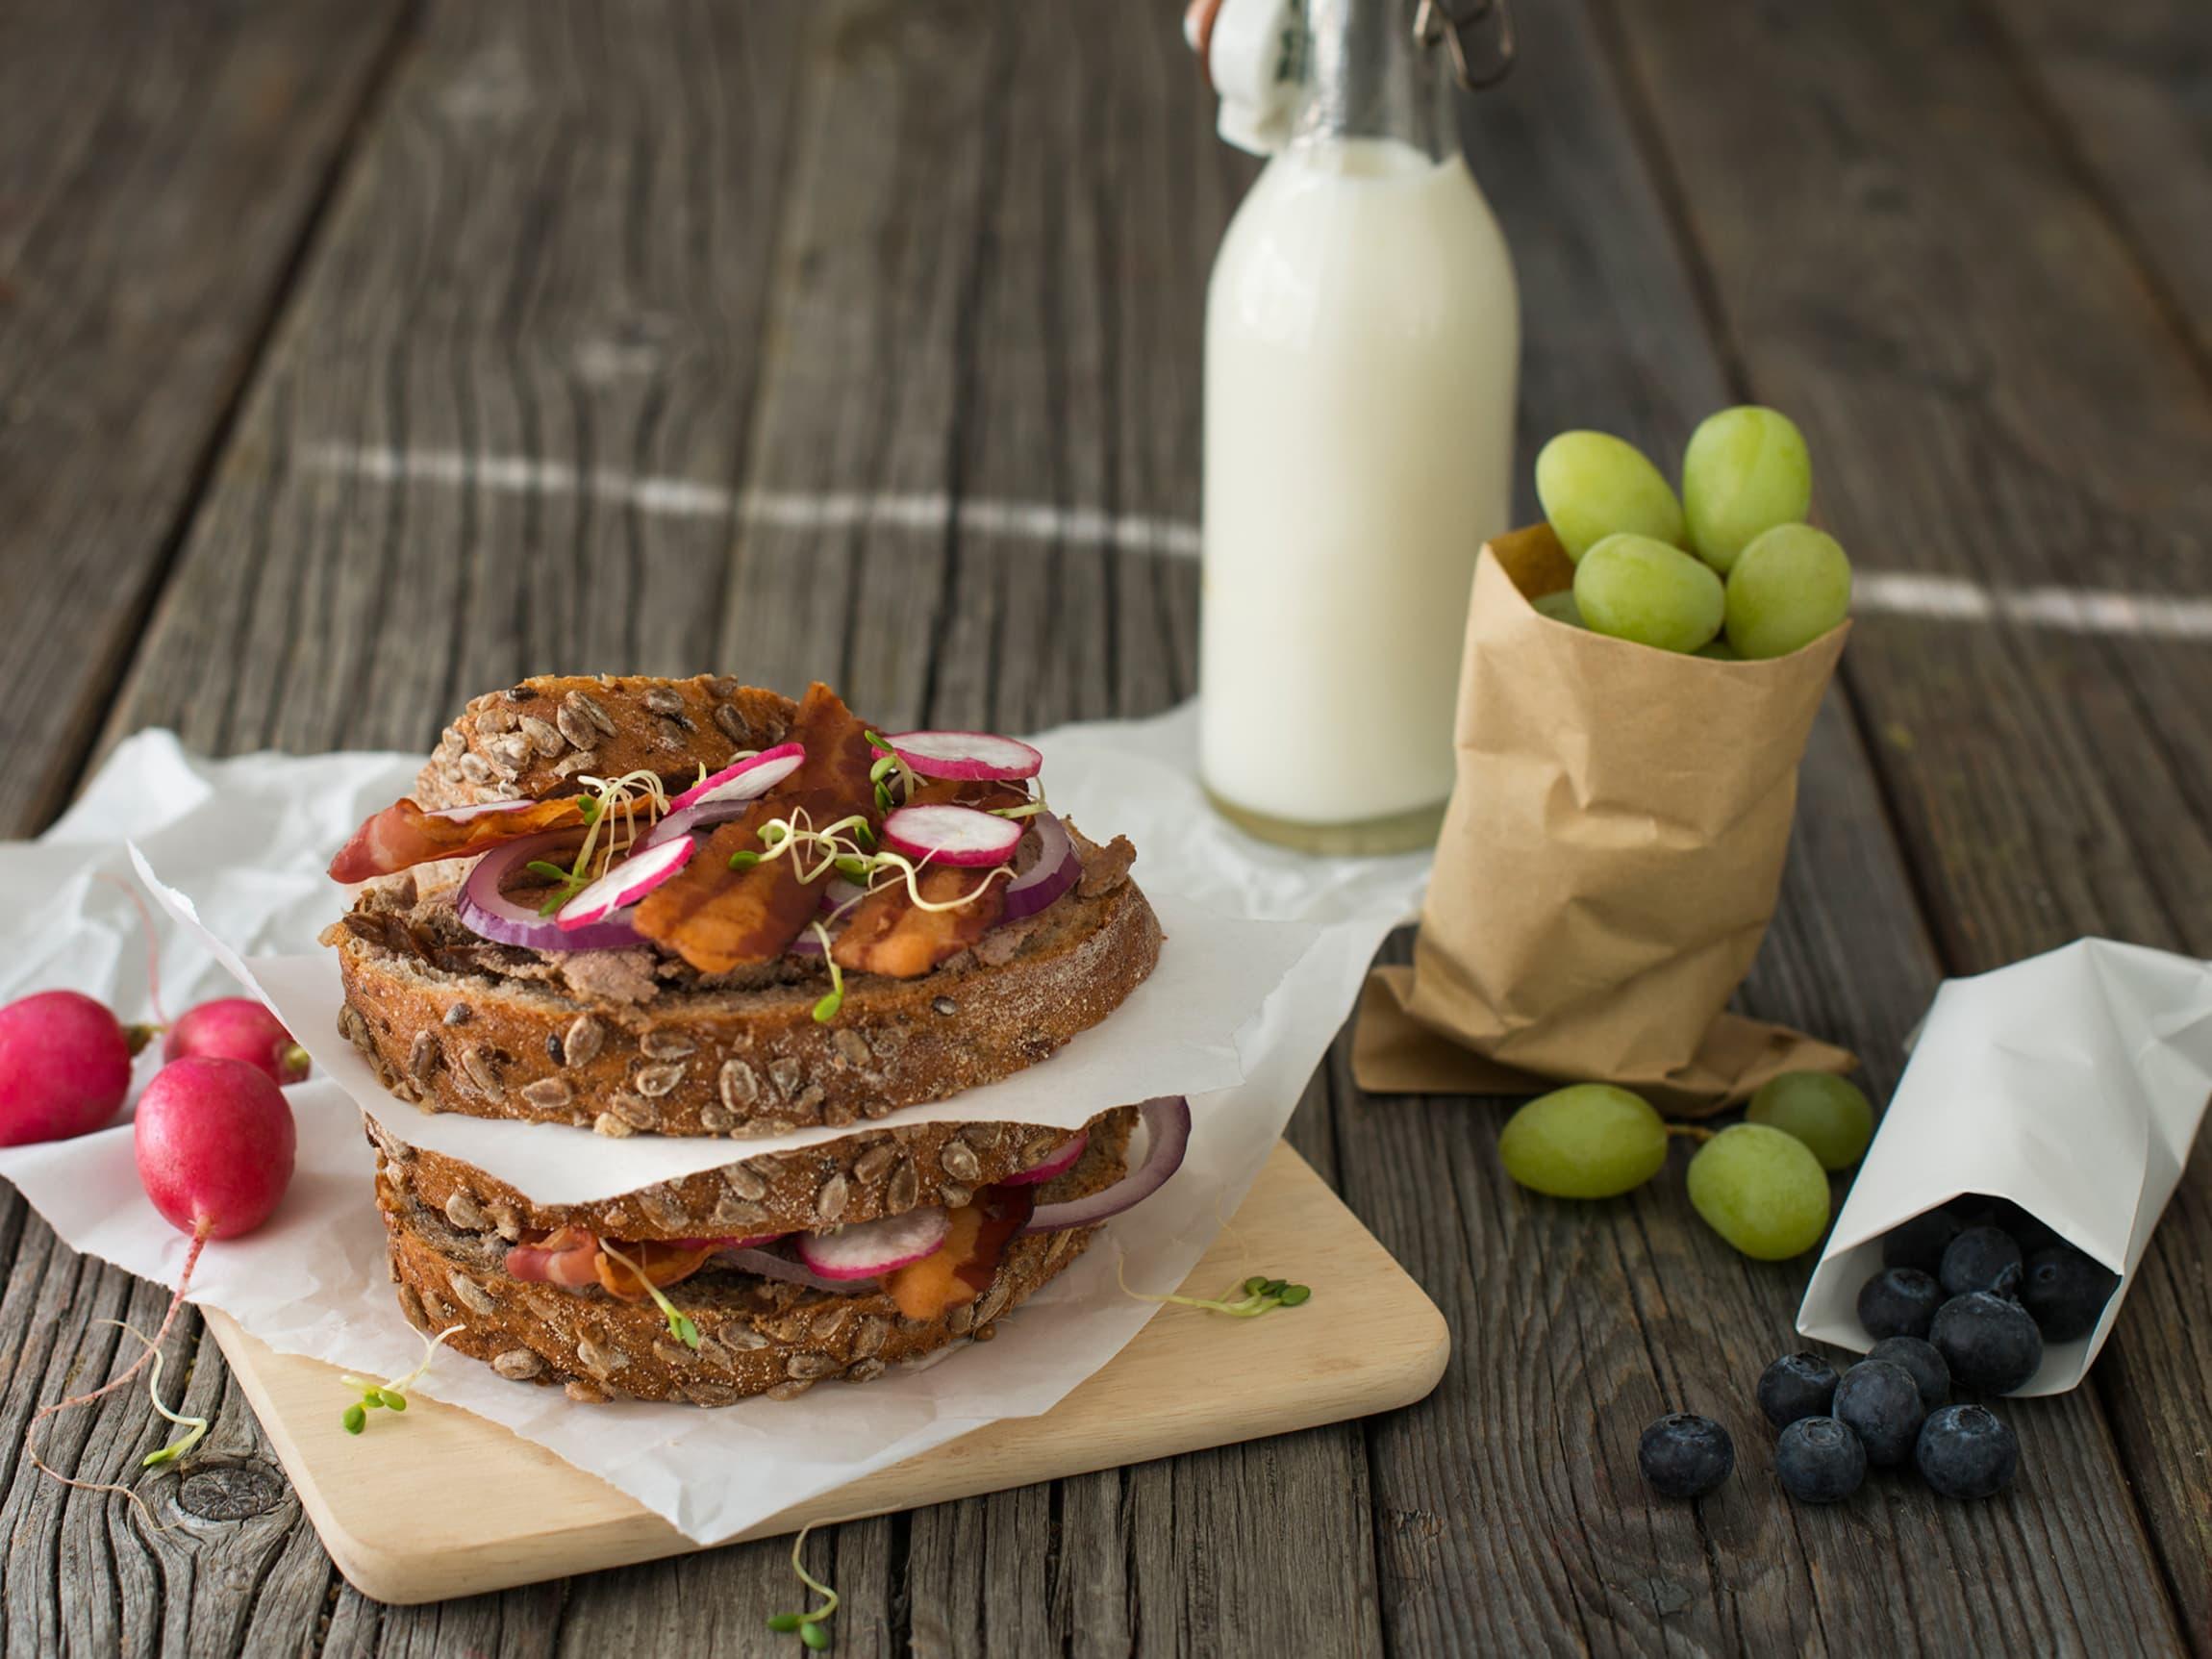 Smør grove brødskiver med leverpostei, toppet med bacon for ekstra god smak.